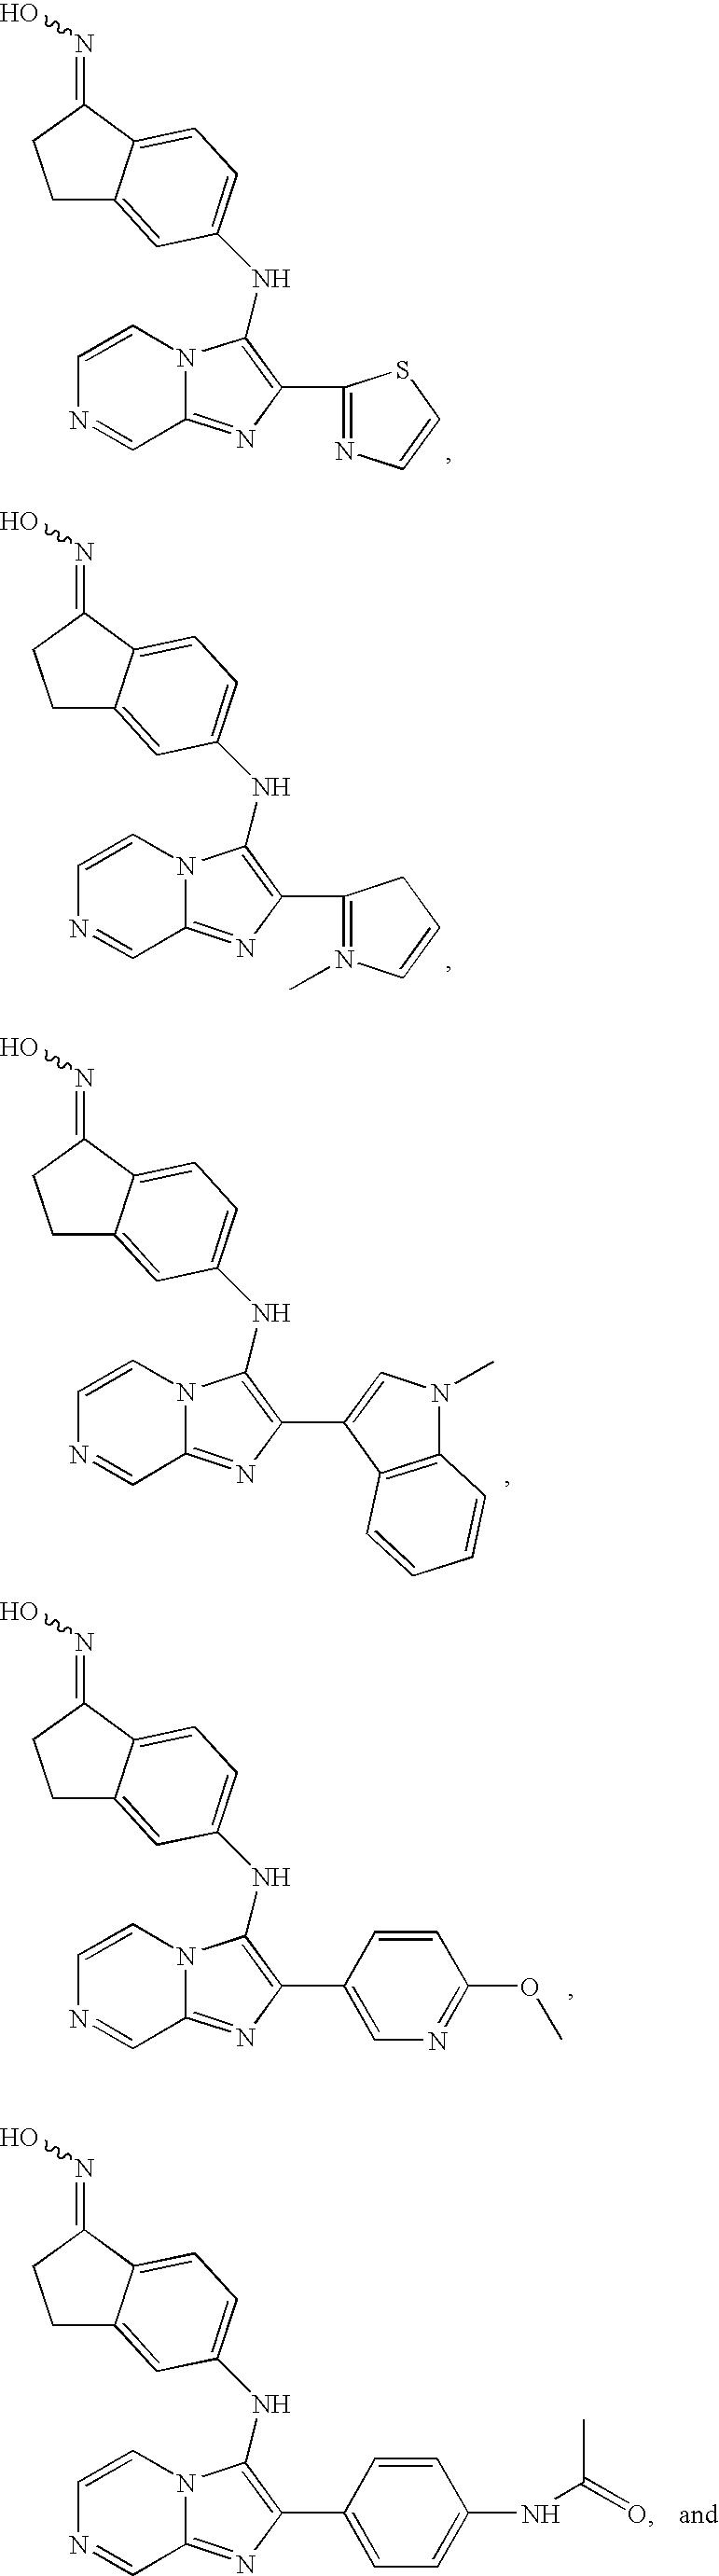 Figure US07566716-20090728-C00134